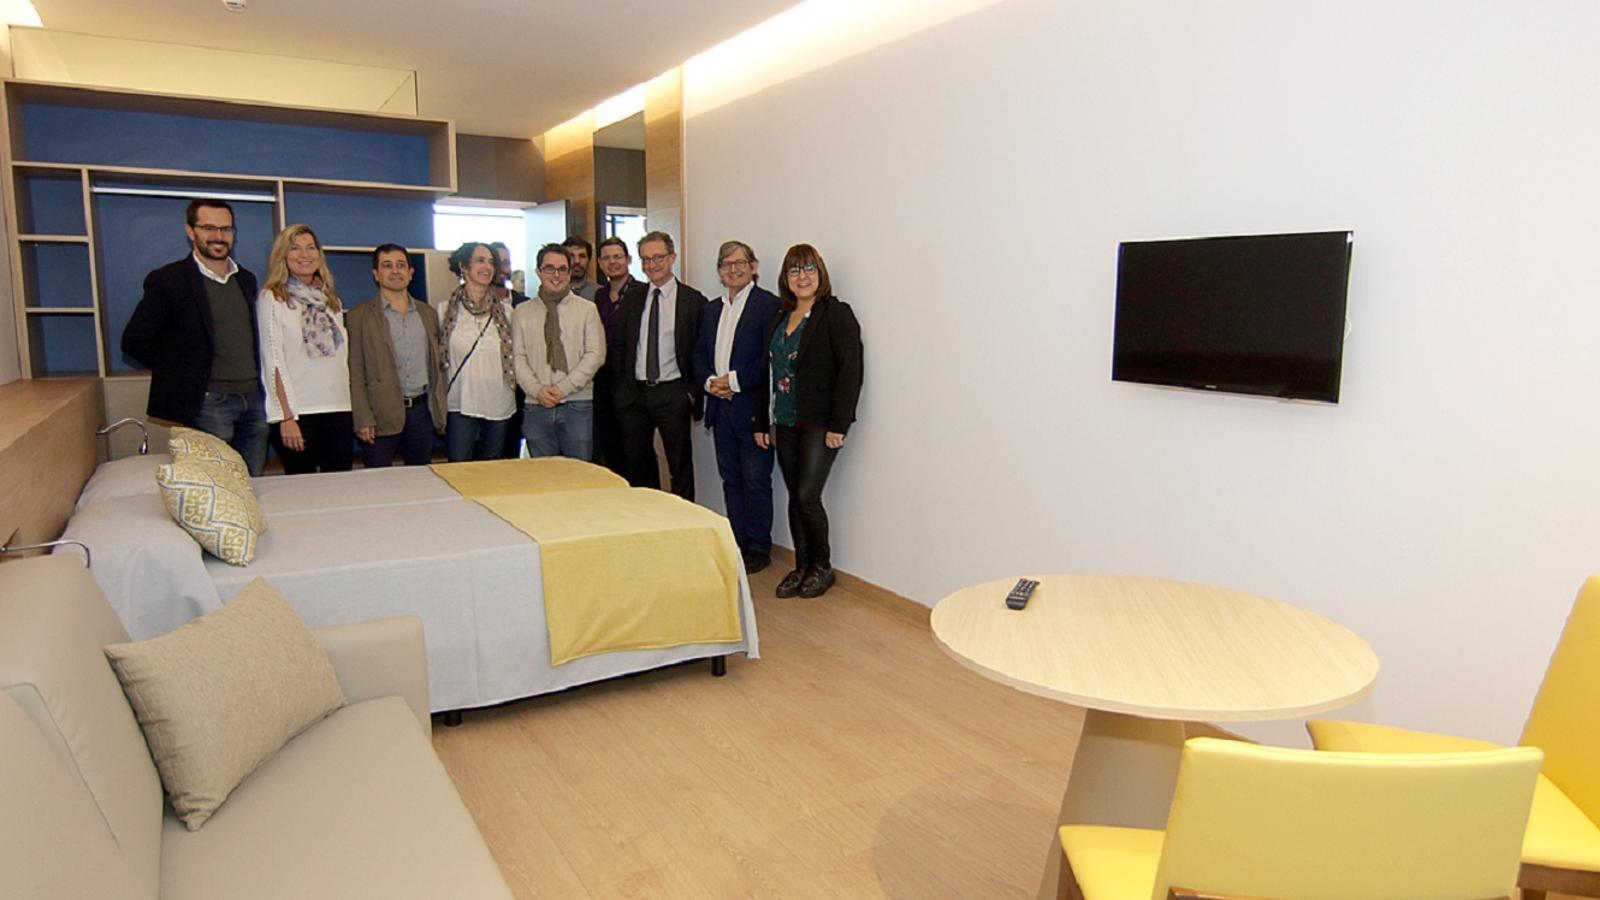 El nou espai compta amb dotze habitacions.